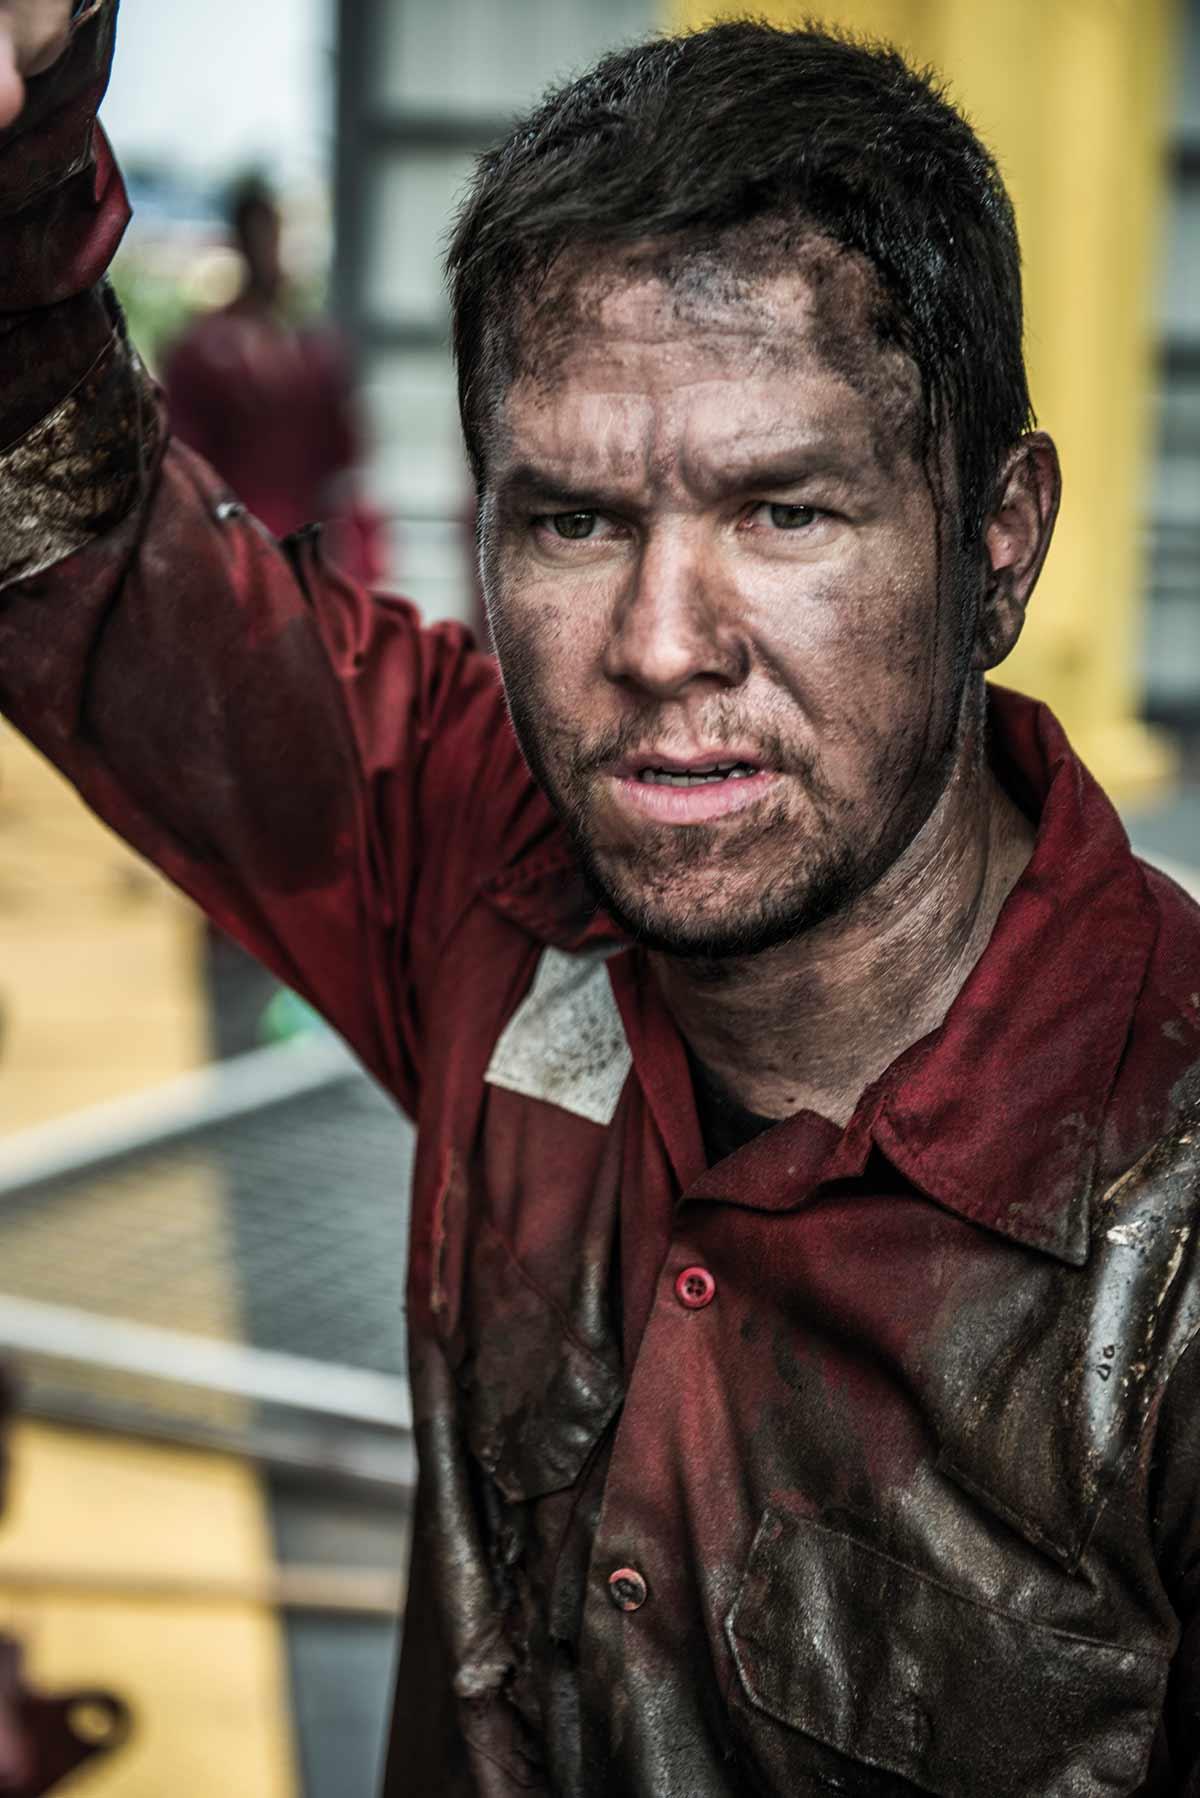 «En veldig ydmyk mann, som bare gjorde jobben sin og alt han kunne for å hjelpe andre og for å overleve,» sier Mark Wahlberg om mannen han spiller i Deepwater Horizon>/i>, Mike Williams.